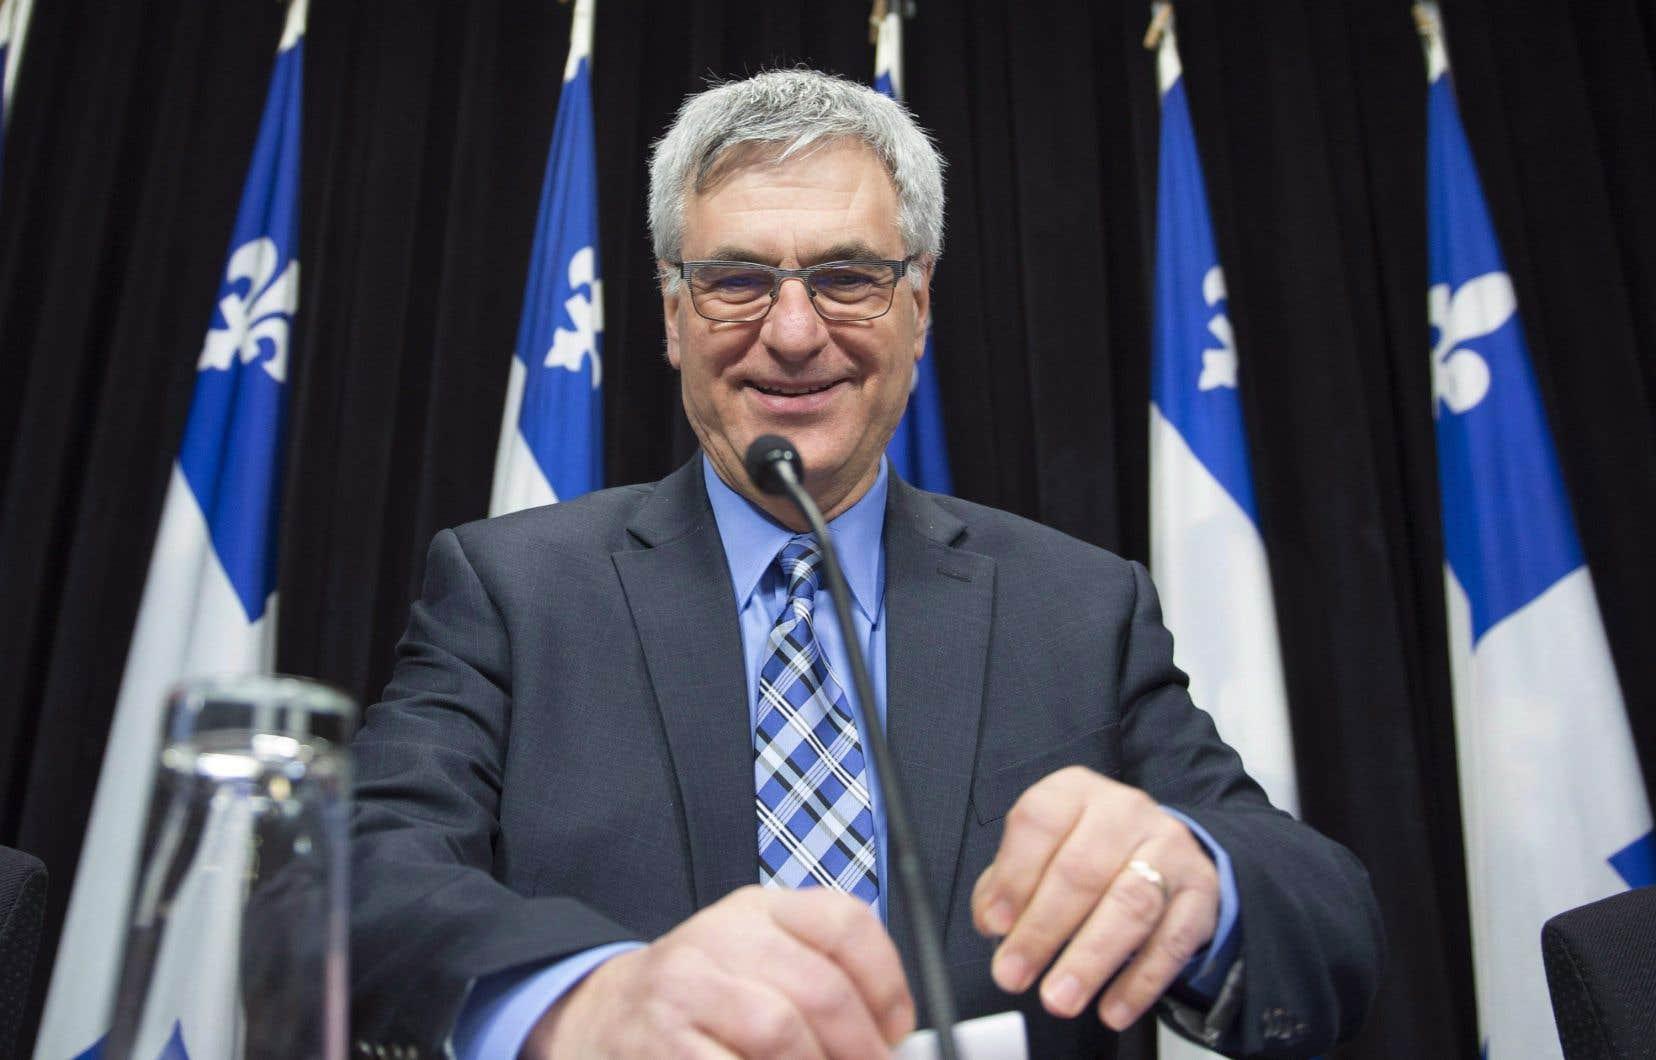 Le leader parlementaire du gouvernement, Jean-Marc Fournier,a écrit aux partis d'opposition pour leur proposer l'adoption d'une loi publique, plutôt que privée.